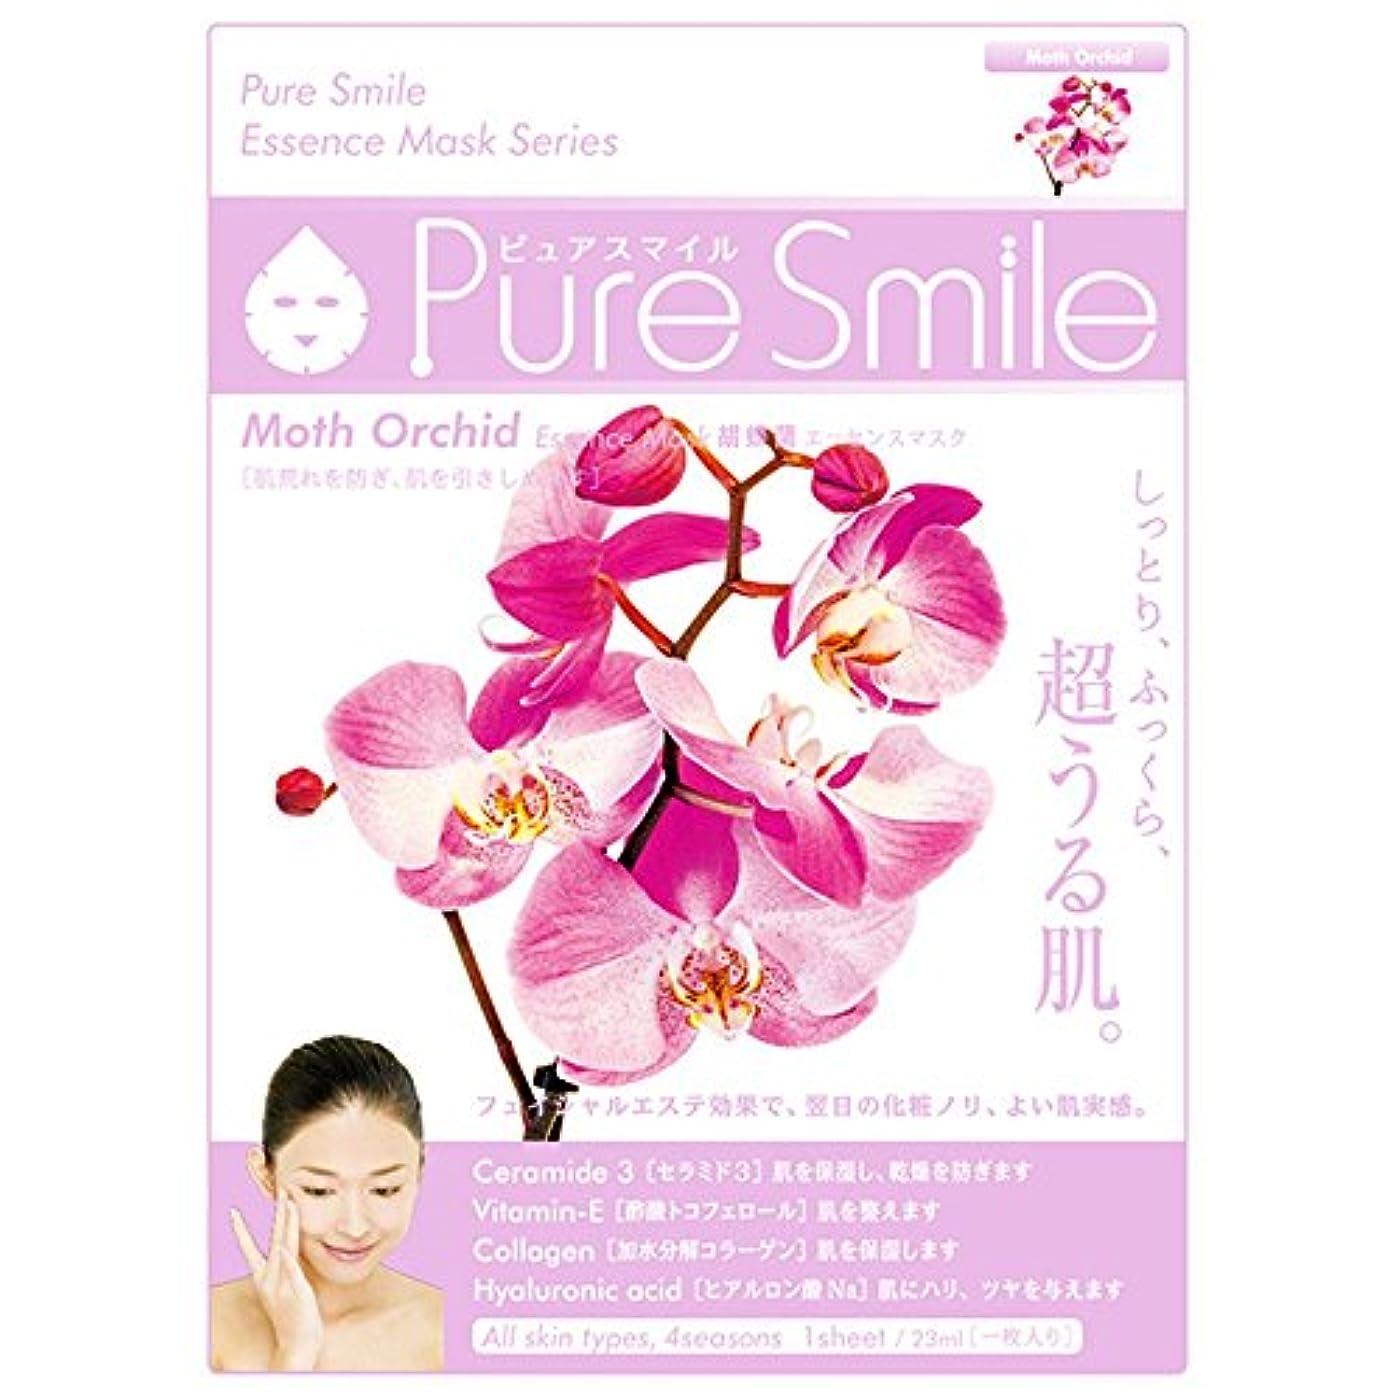 野菜丁寧取り囲むPure Smile/ピュアスマイル エッセンス/フェイスマスク 『Moth Orchid/胡蝶蘭』